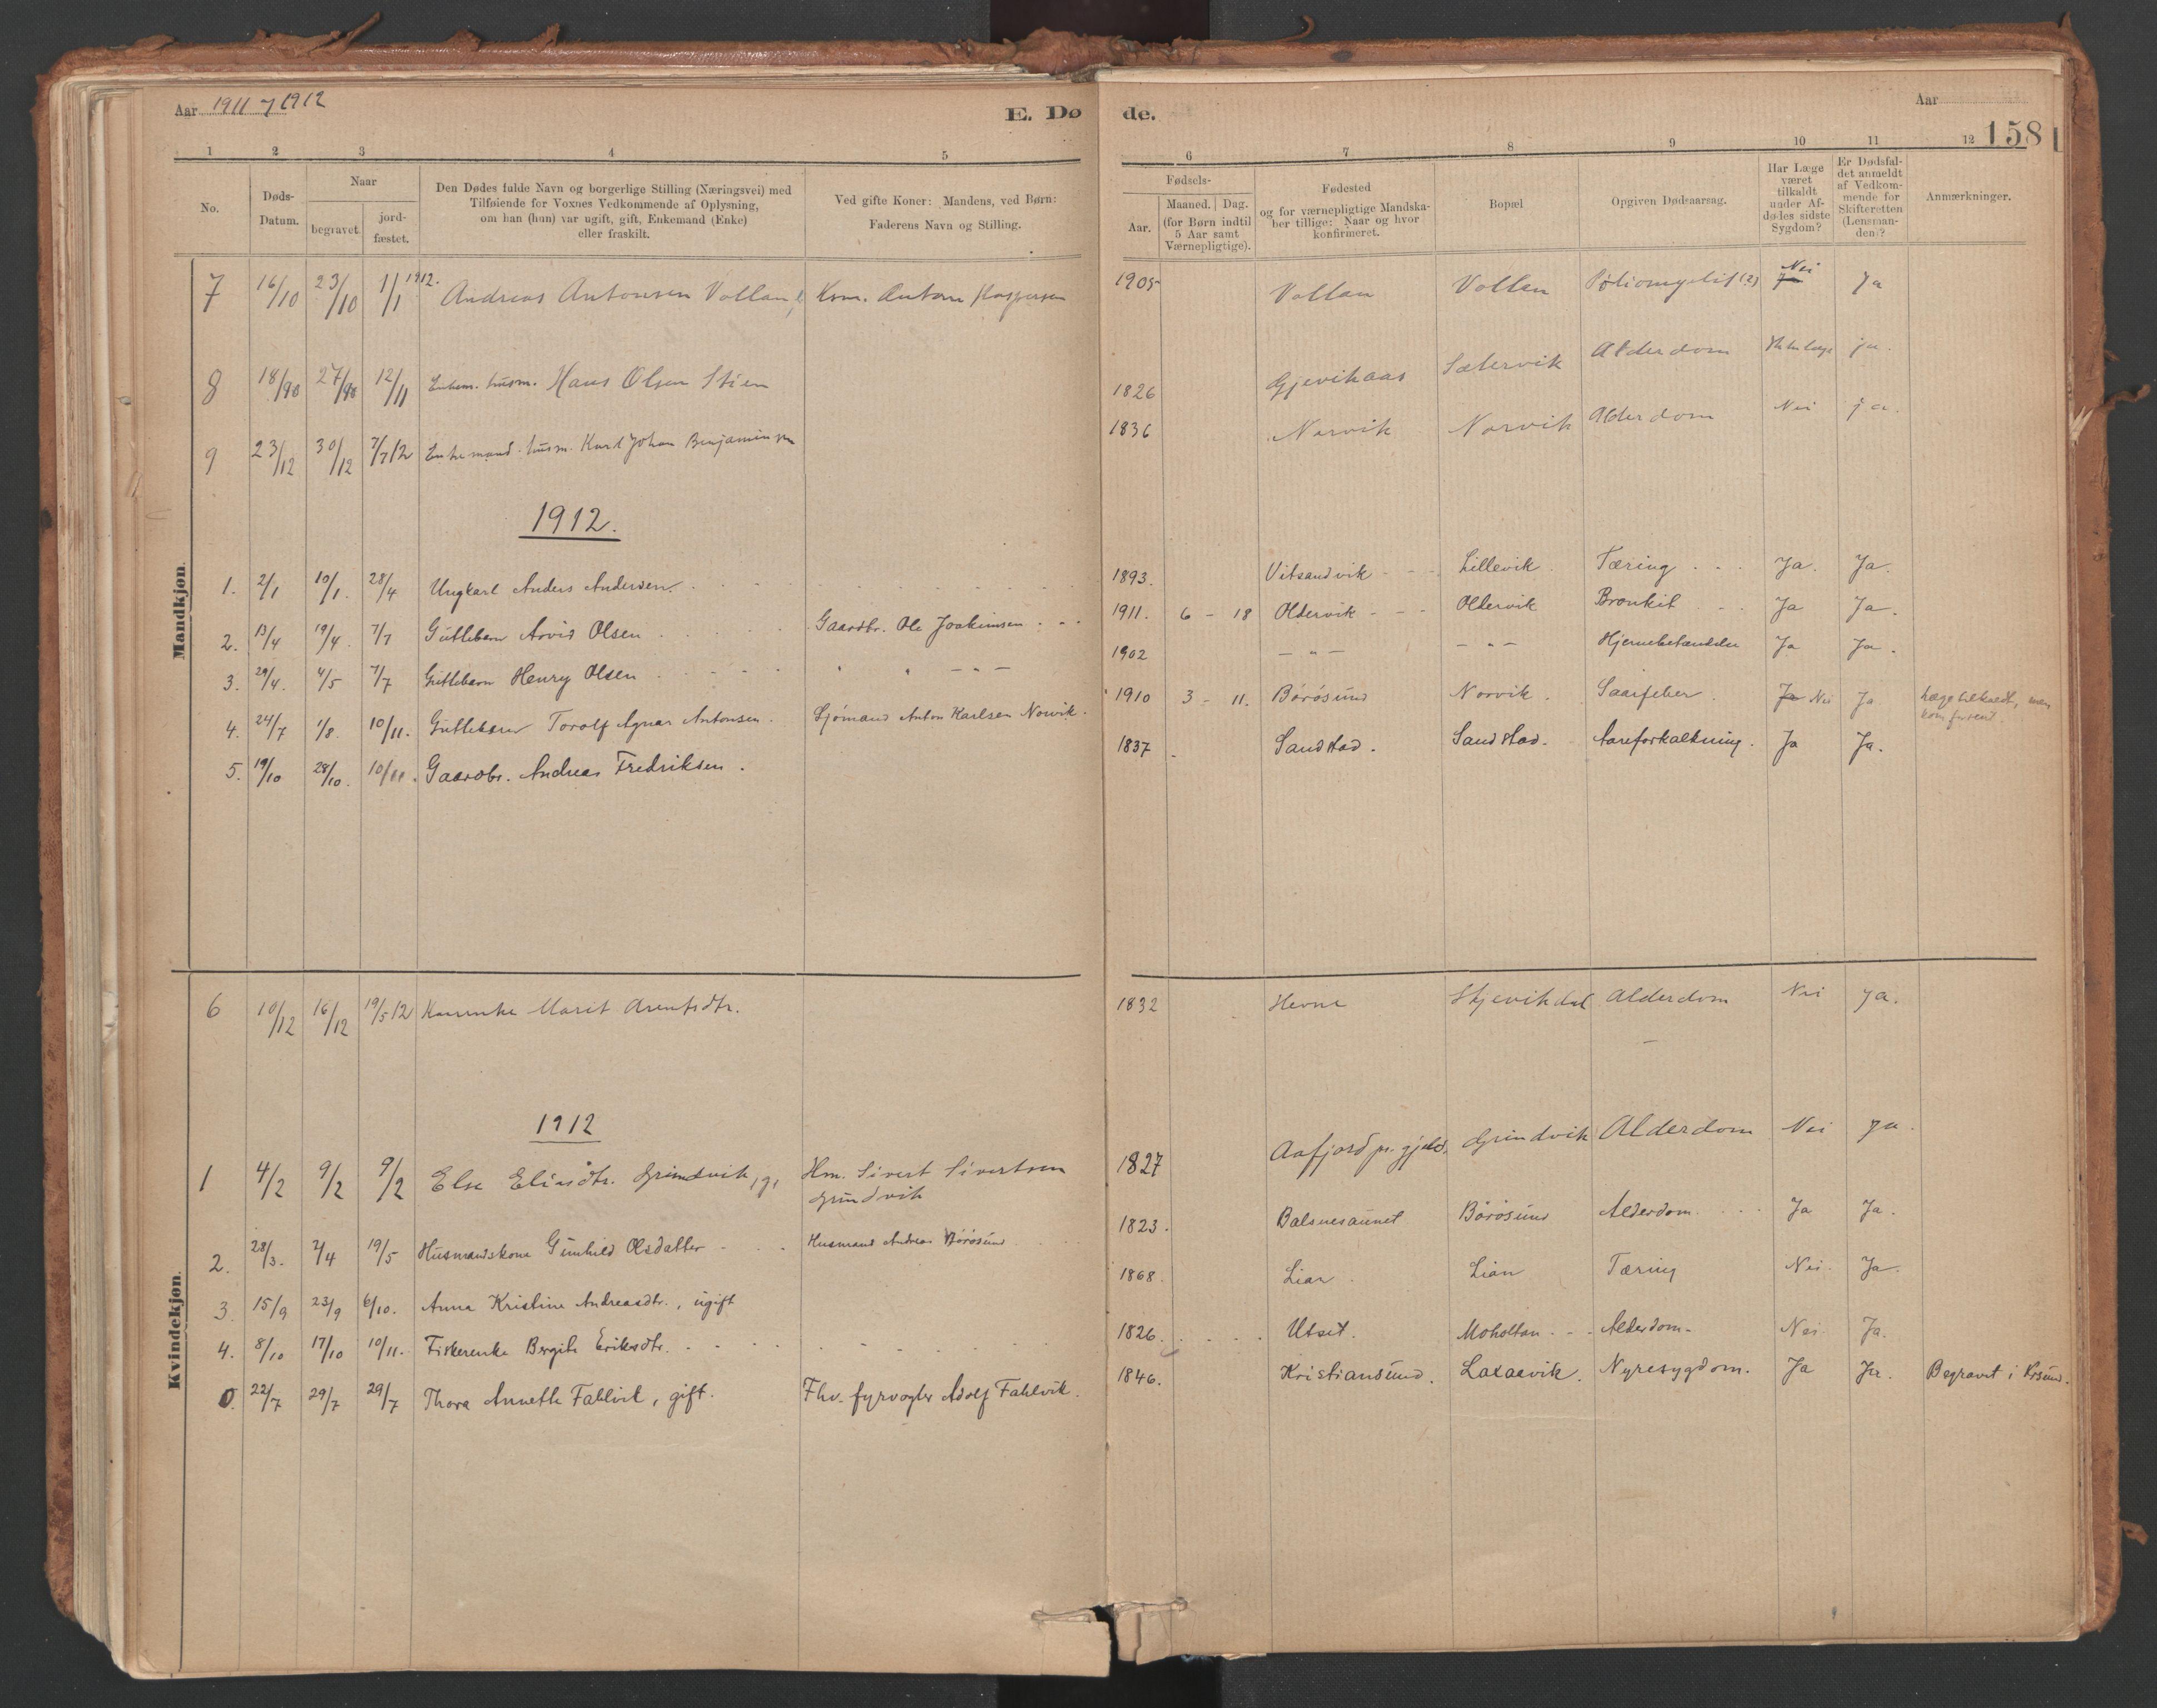 SAT, Ministerialprotokoller, klokkerbøker og fødselsregistre - Sør-Trøndelag, 639/L0572: Ministerialbok nr. 639A01, 1890-1920, s. 158